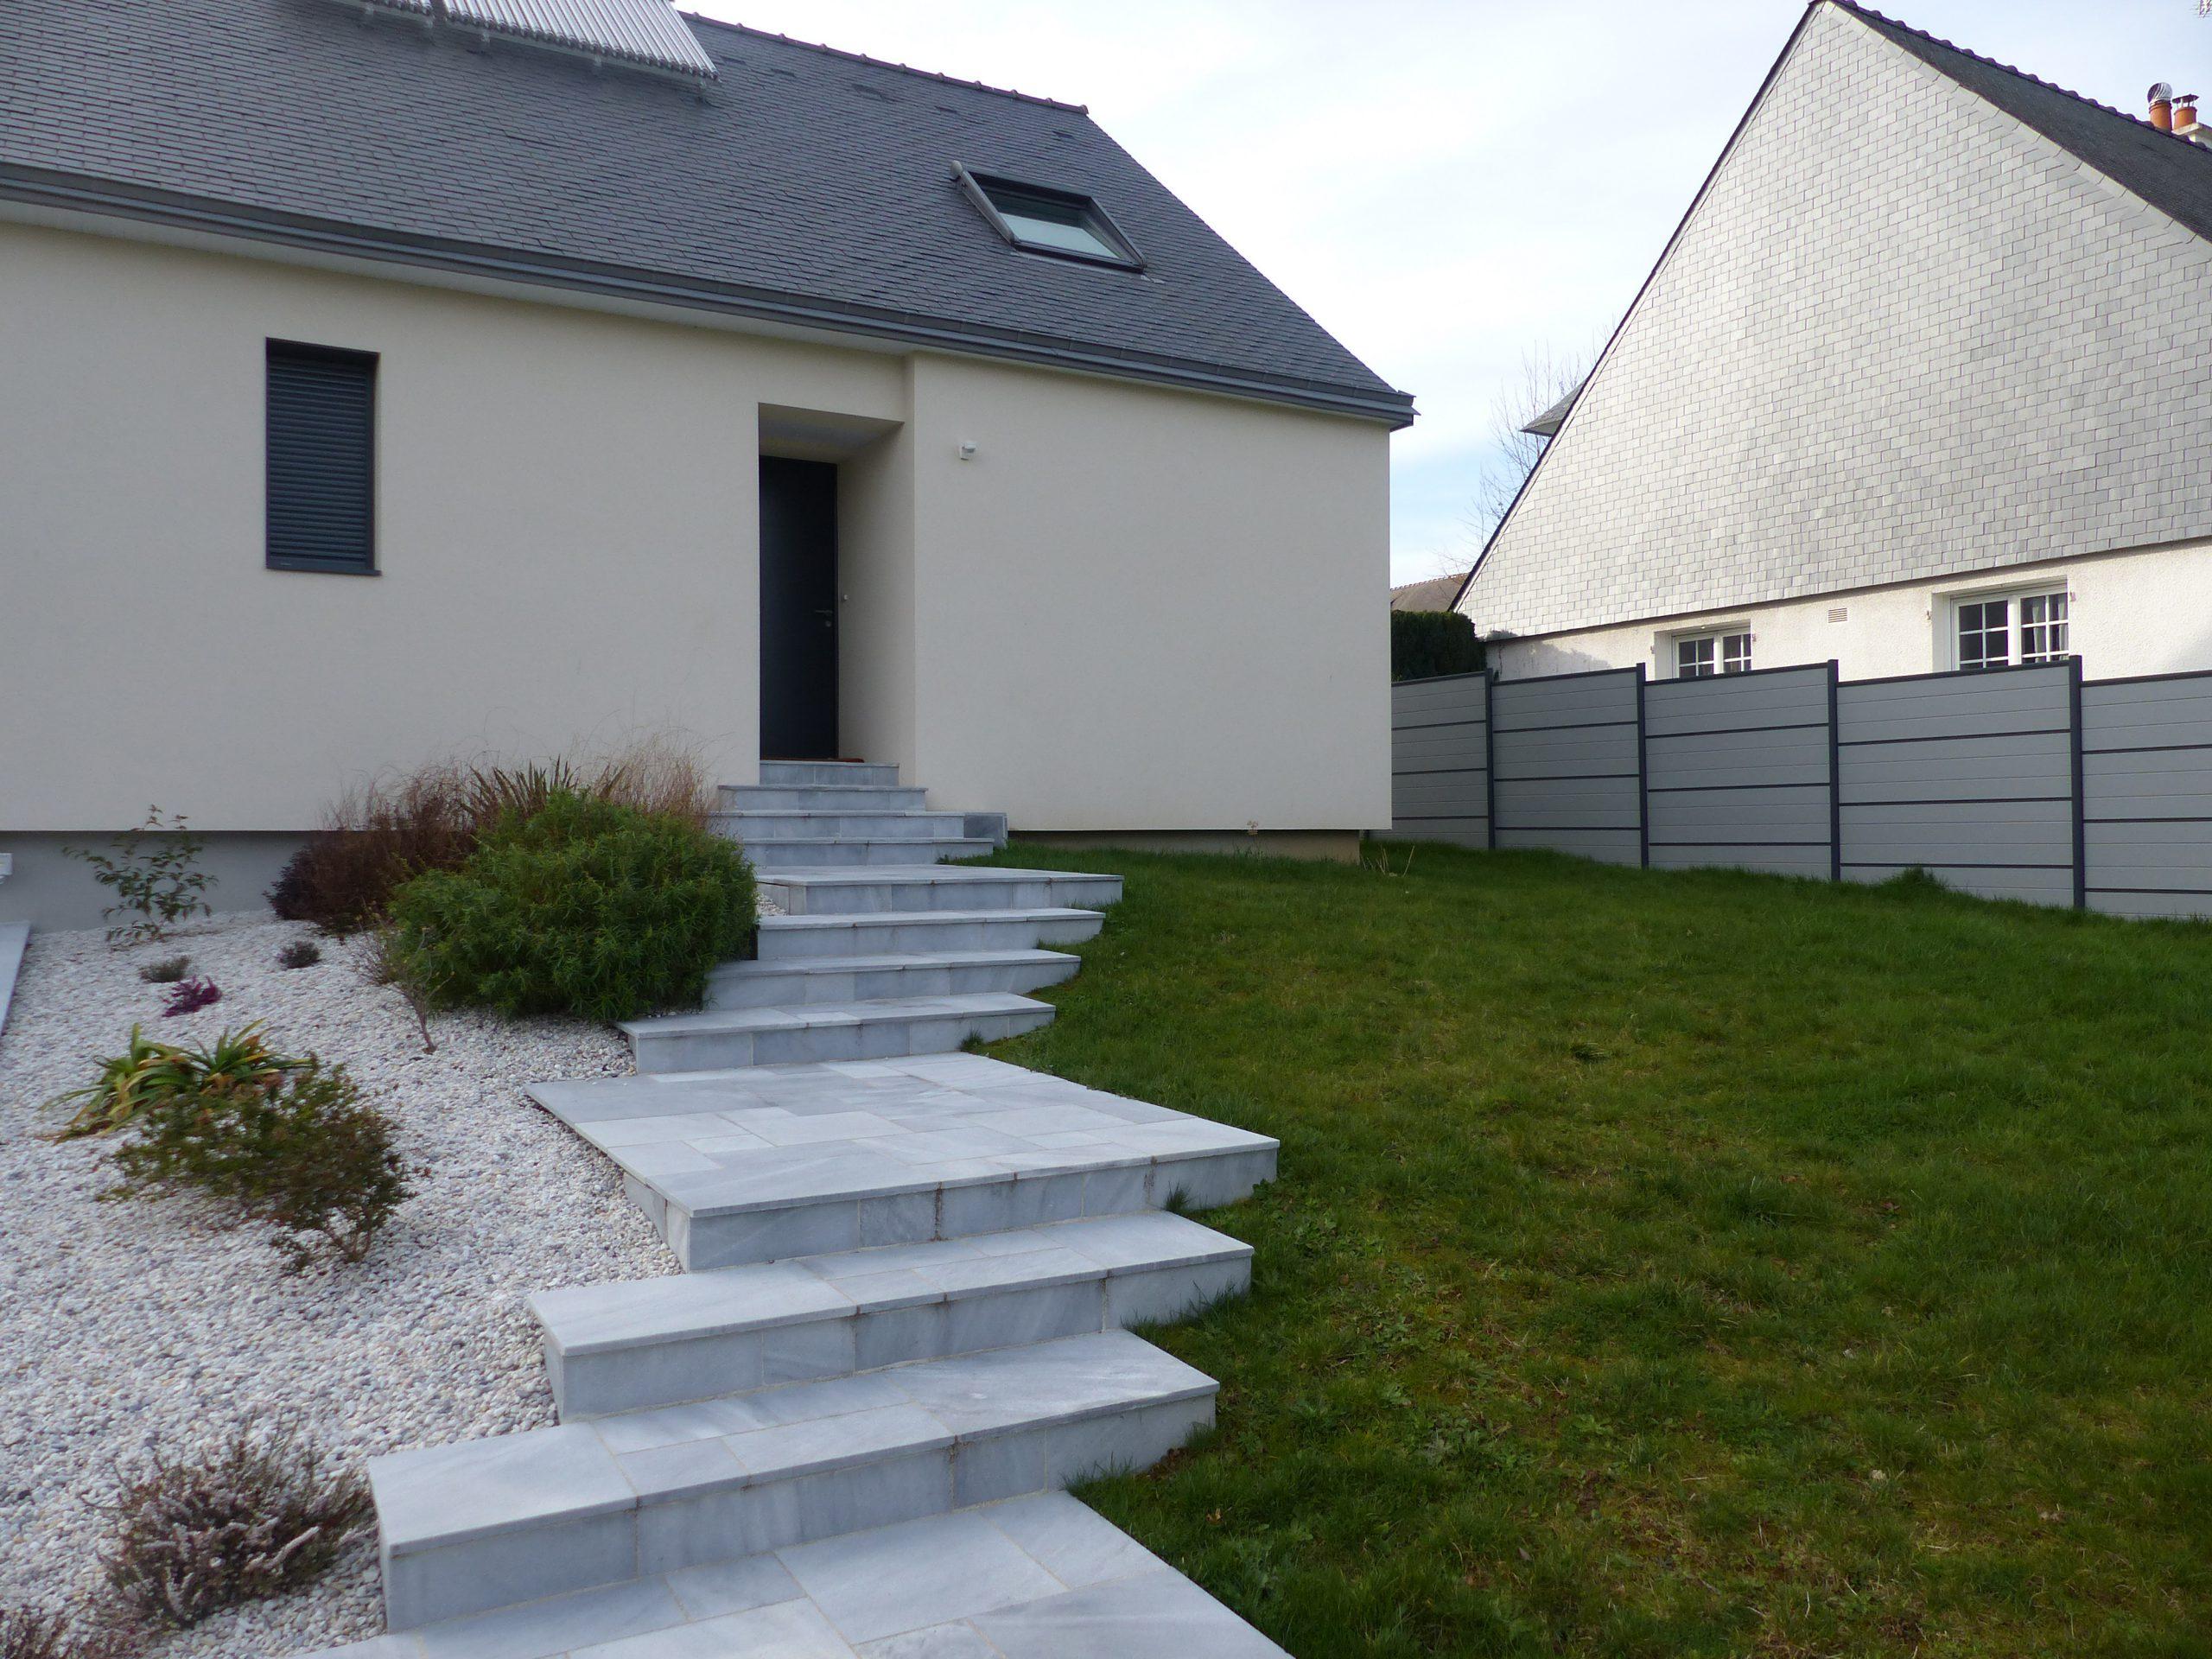 Escalier d'accès dalles